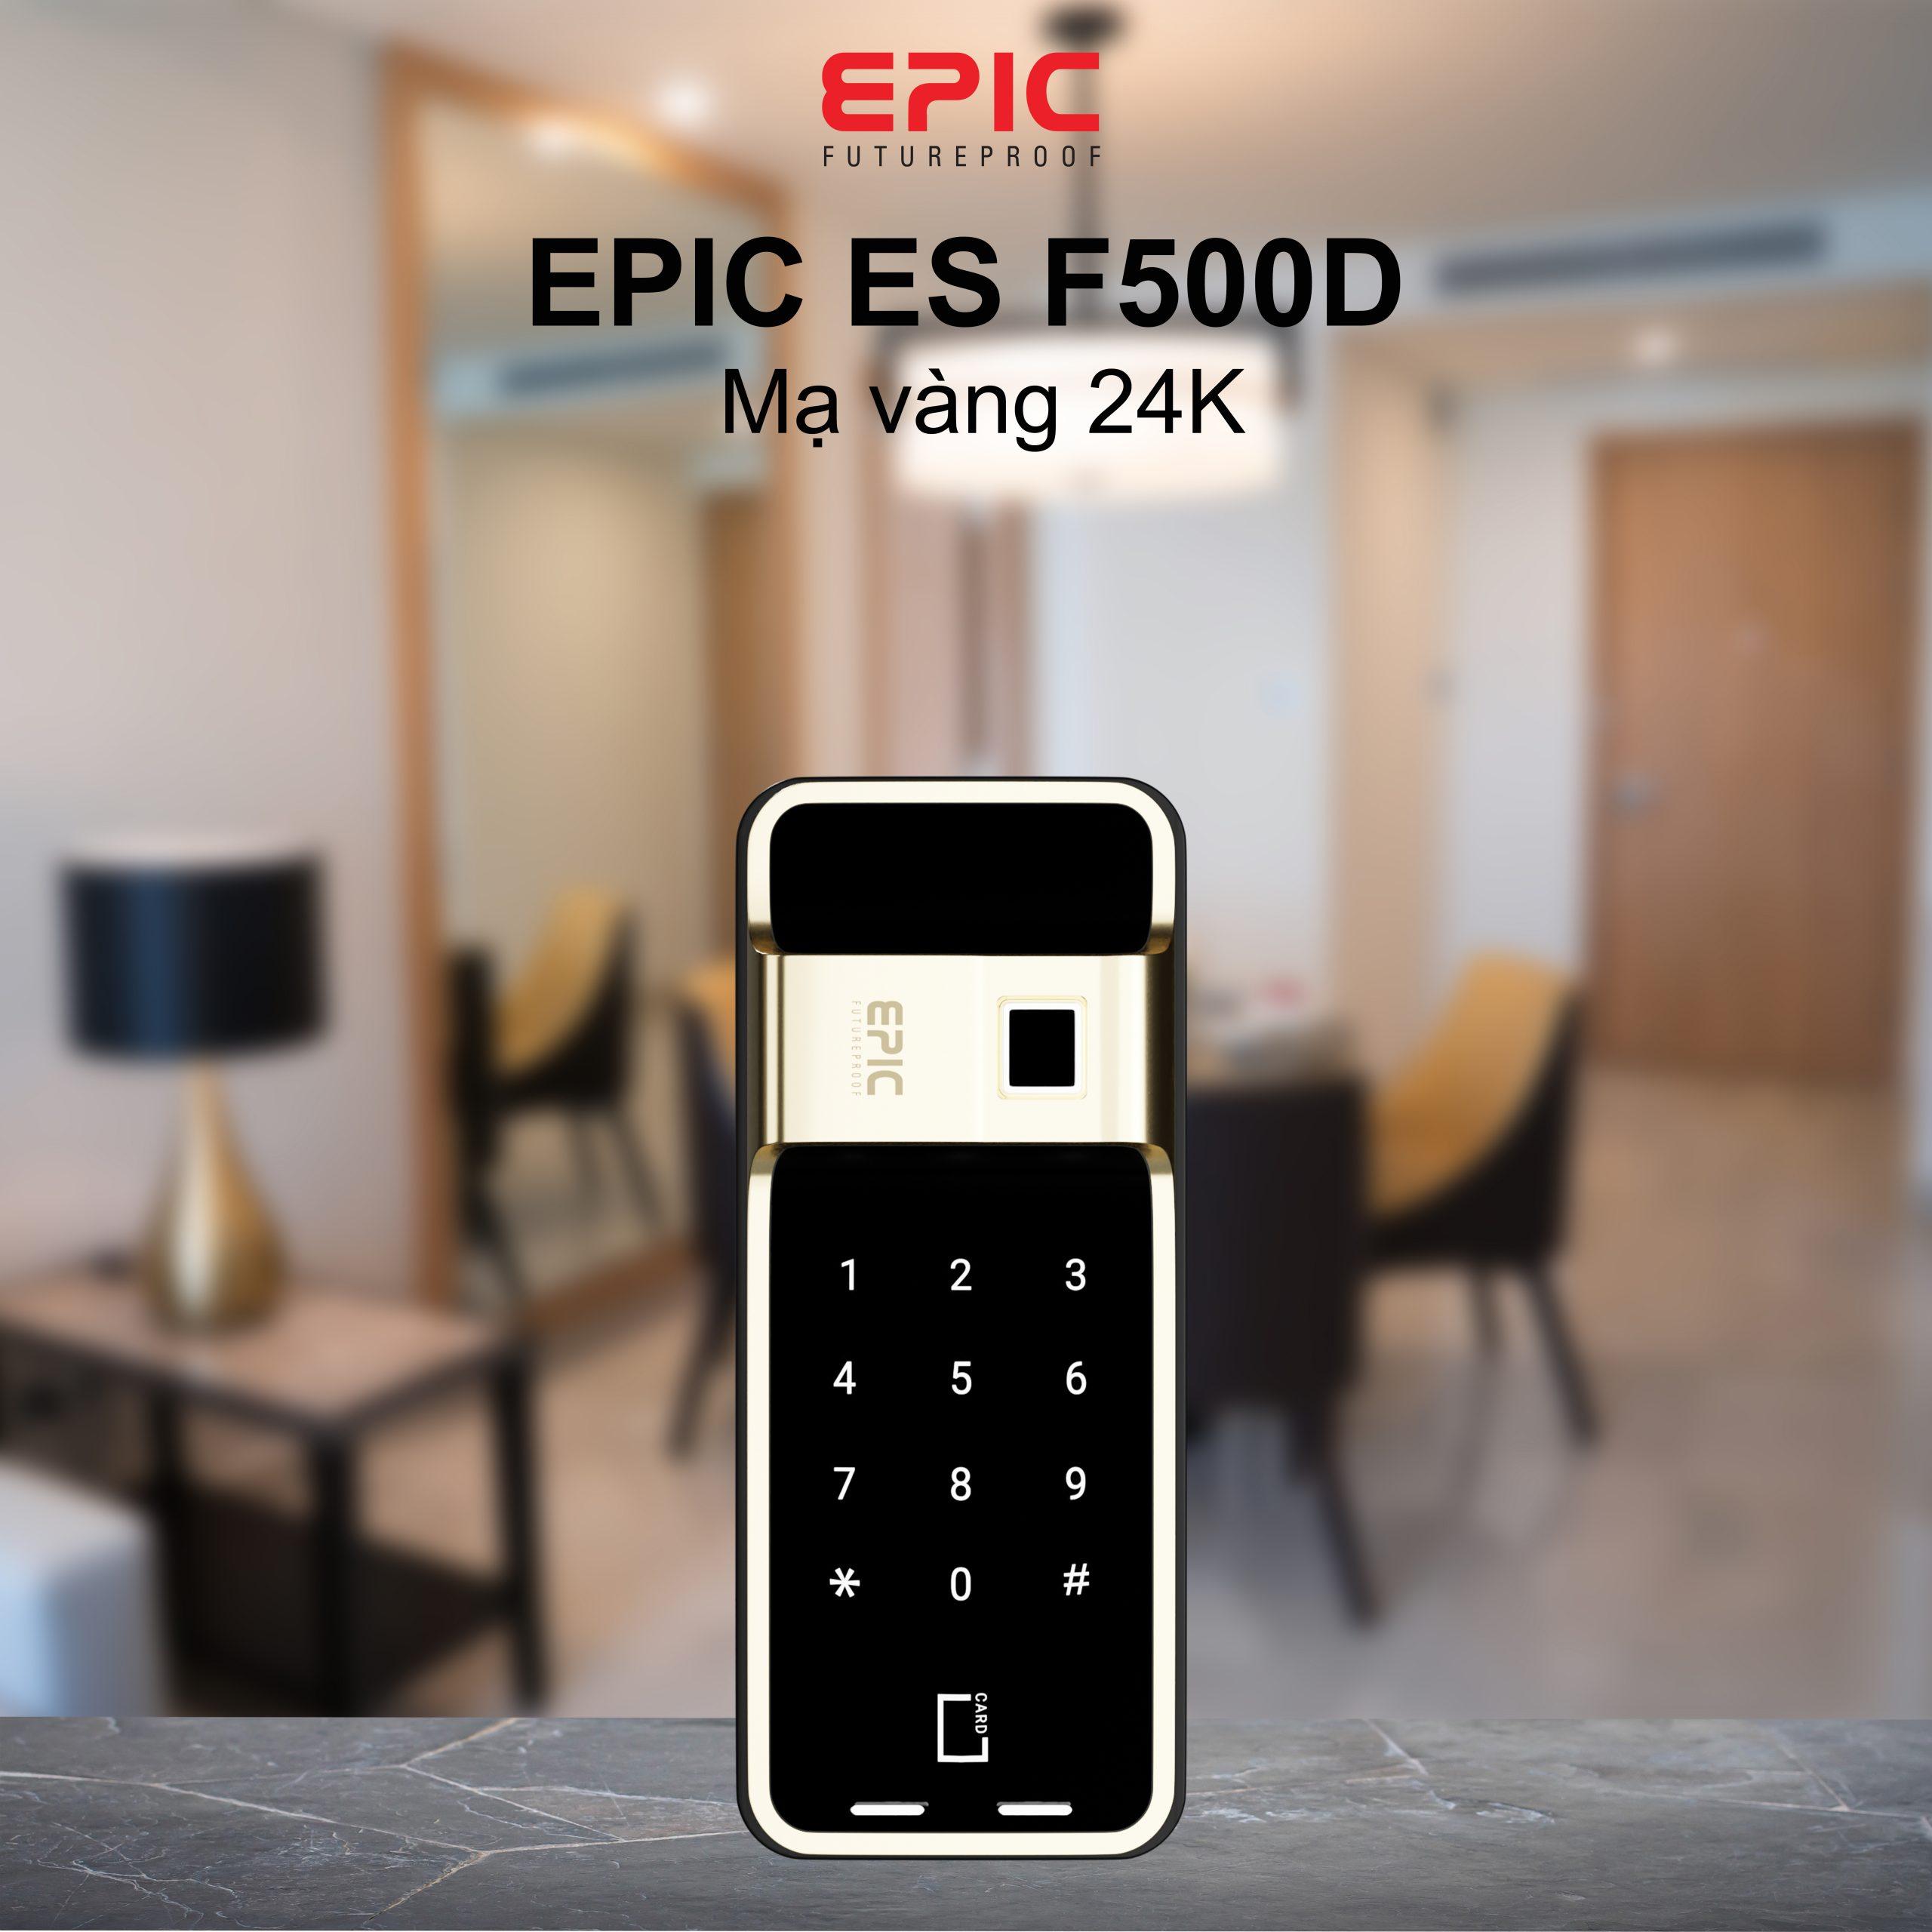 khoa-cua-van-tay-epic-es-f500d-ma-vang-24k